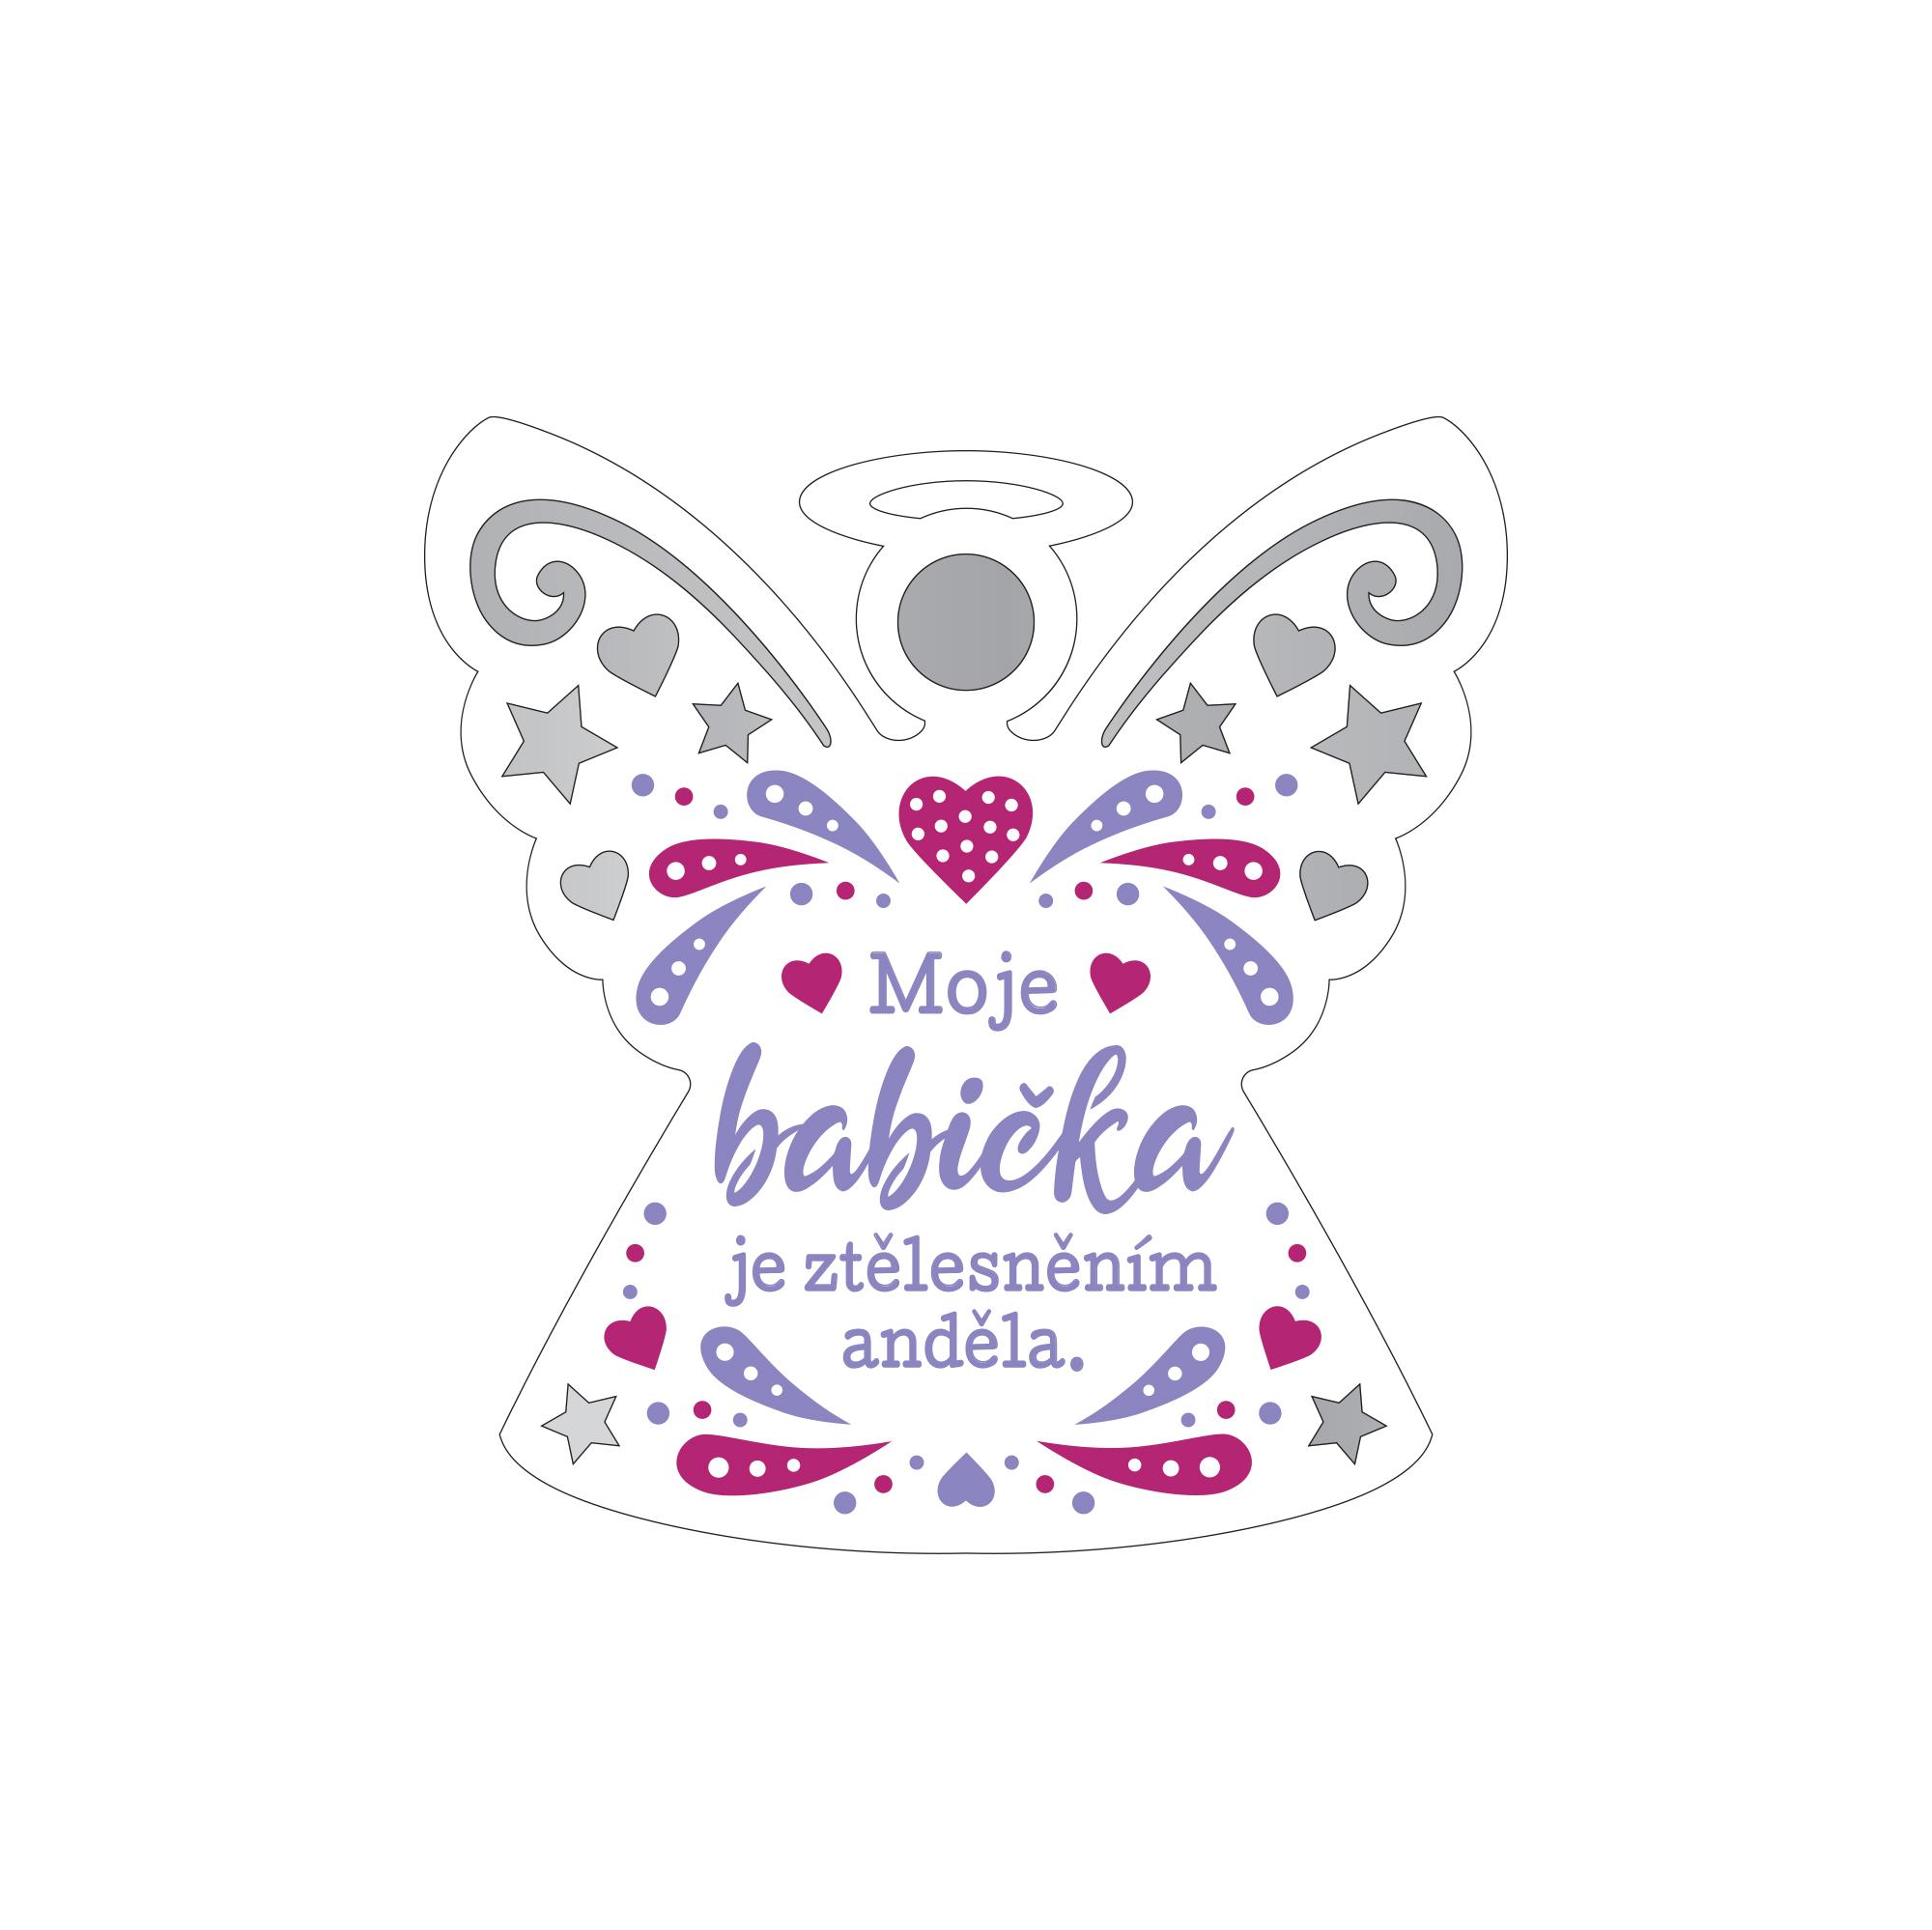 Plaketka anděl - Babička